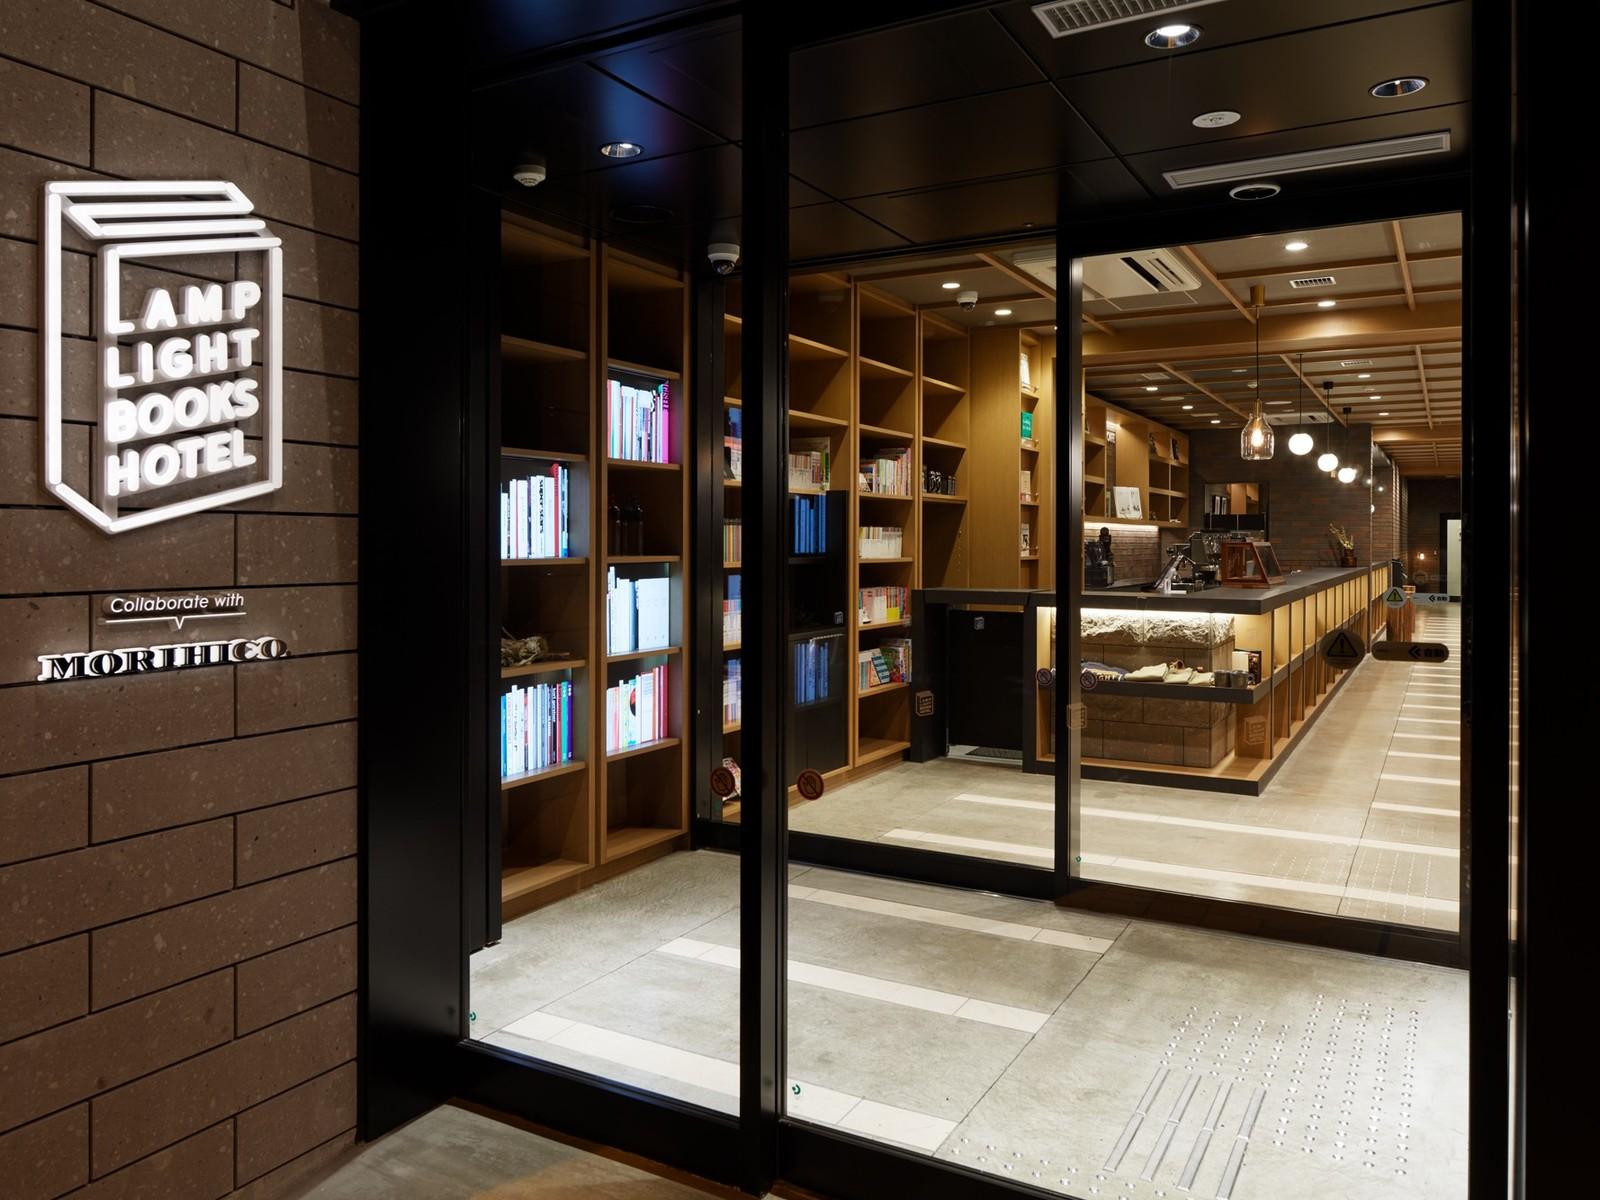 ランプライトブックスホテル札幌 / 【北海道民限定】地域の魅力を再発見!マイクロツーリズム応援プラン ≪素泊り≫